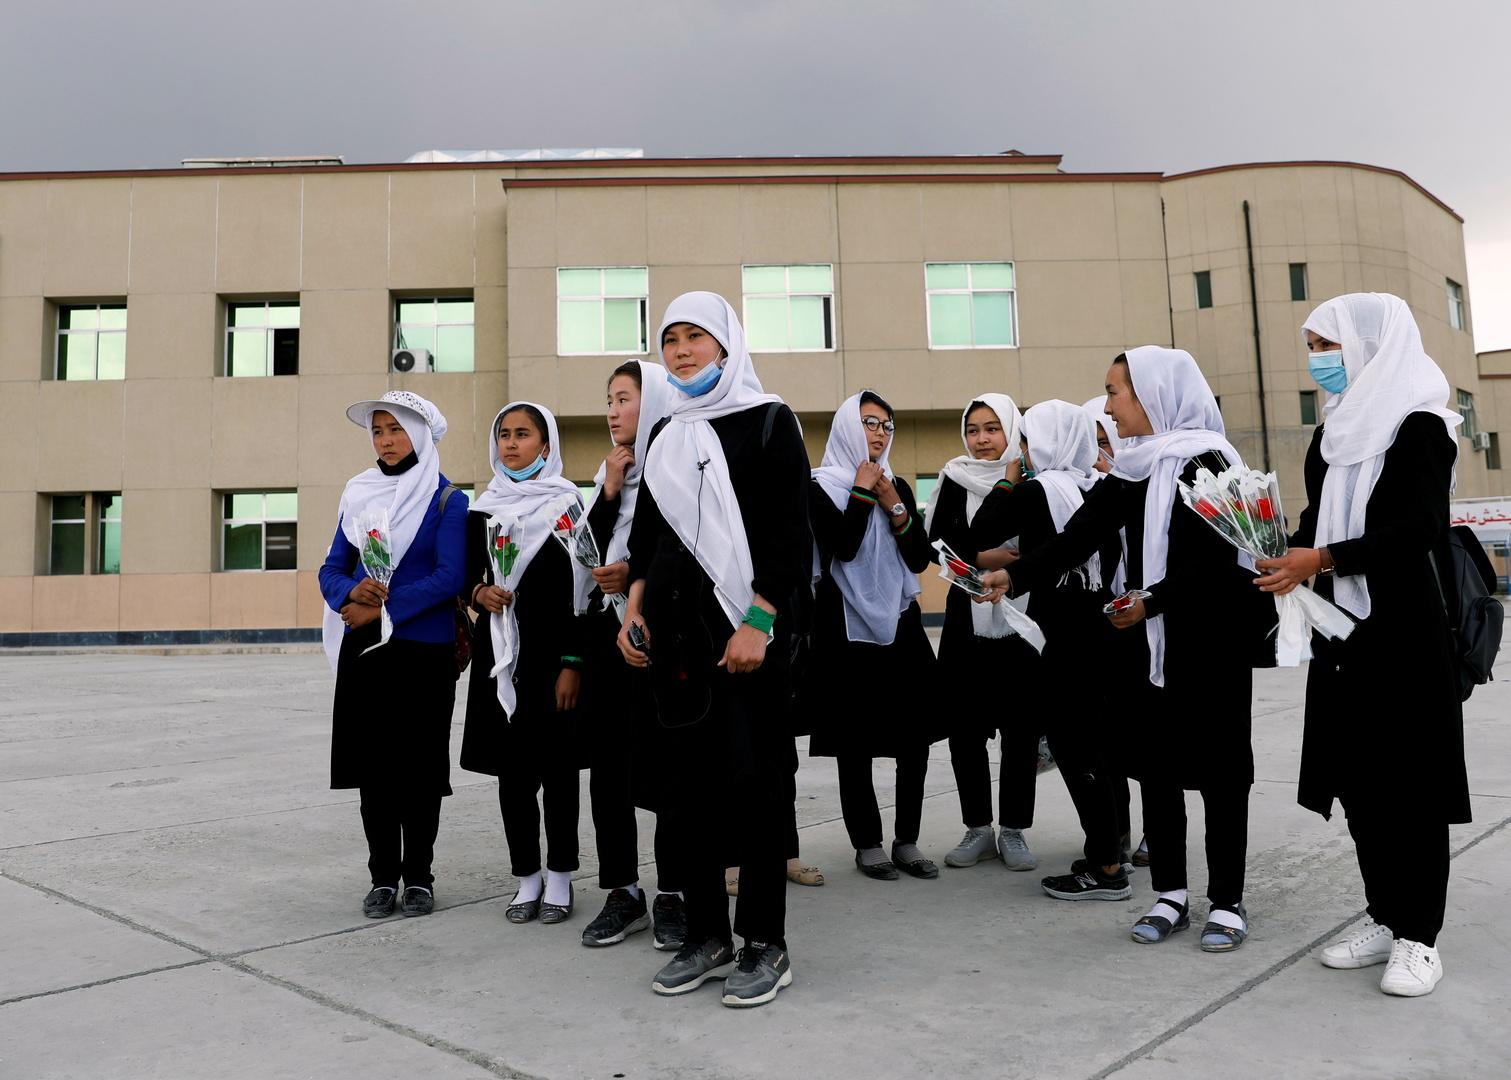 أفغانستان تعلن إغلاق الجامعات والمدارس في ولايات البلاد لمدة أسبوعين